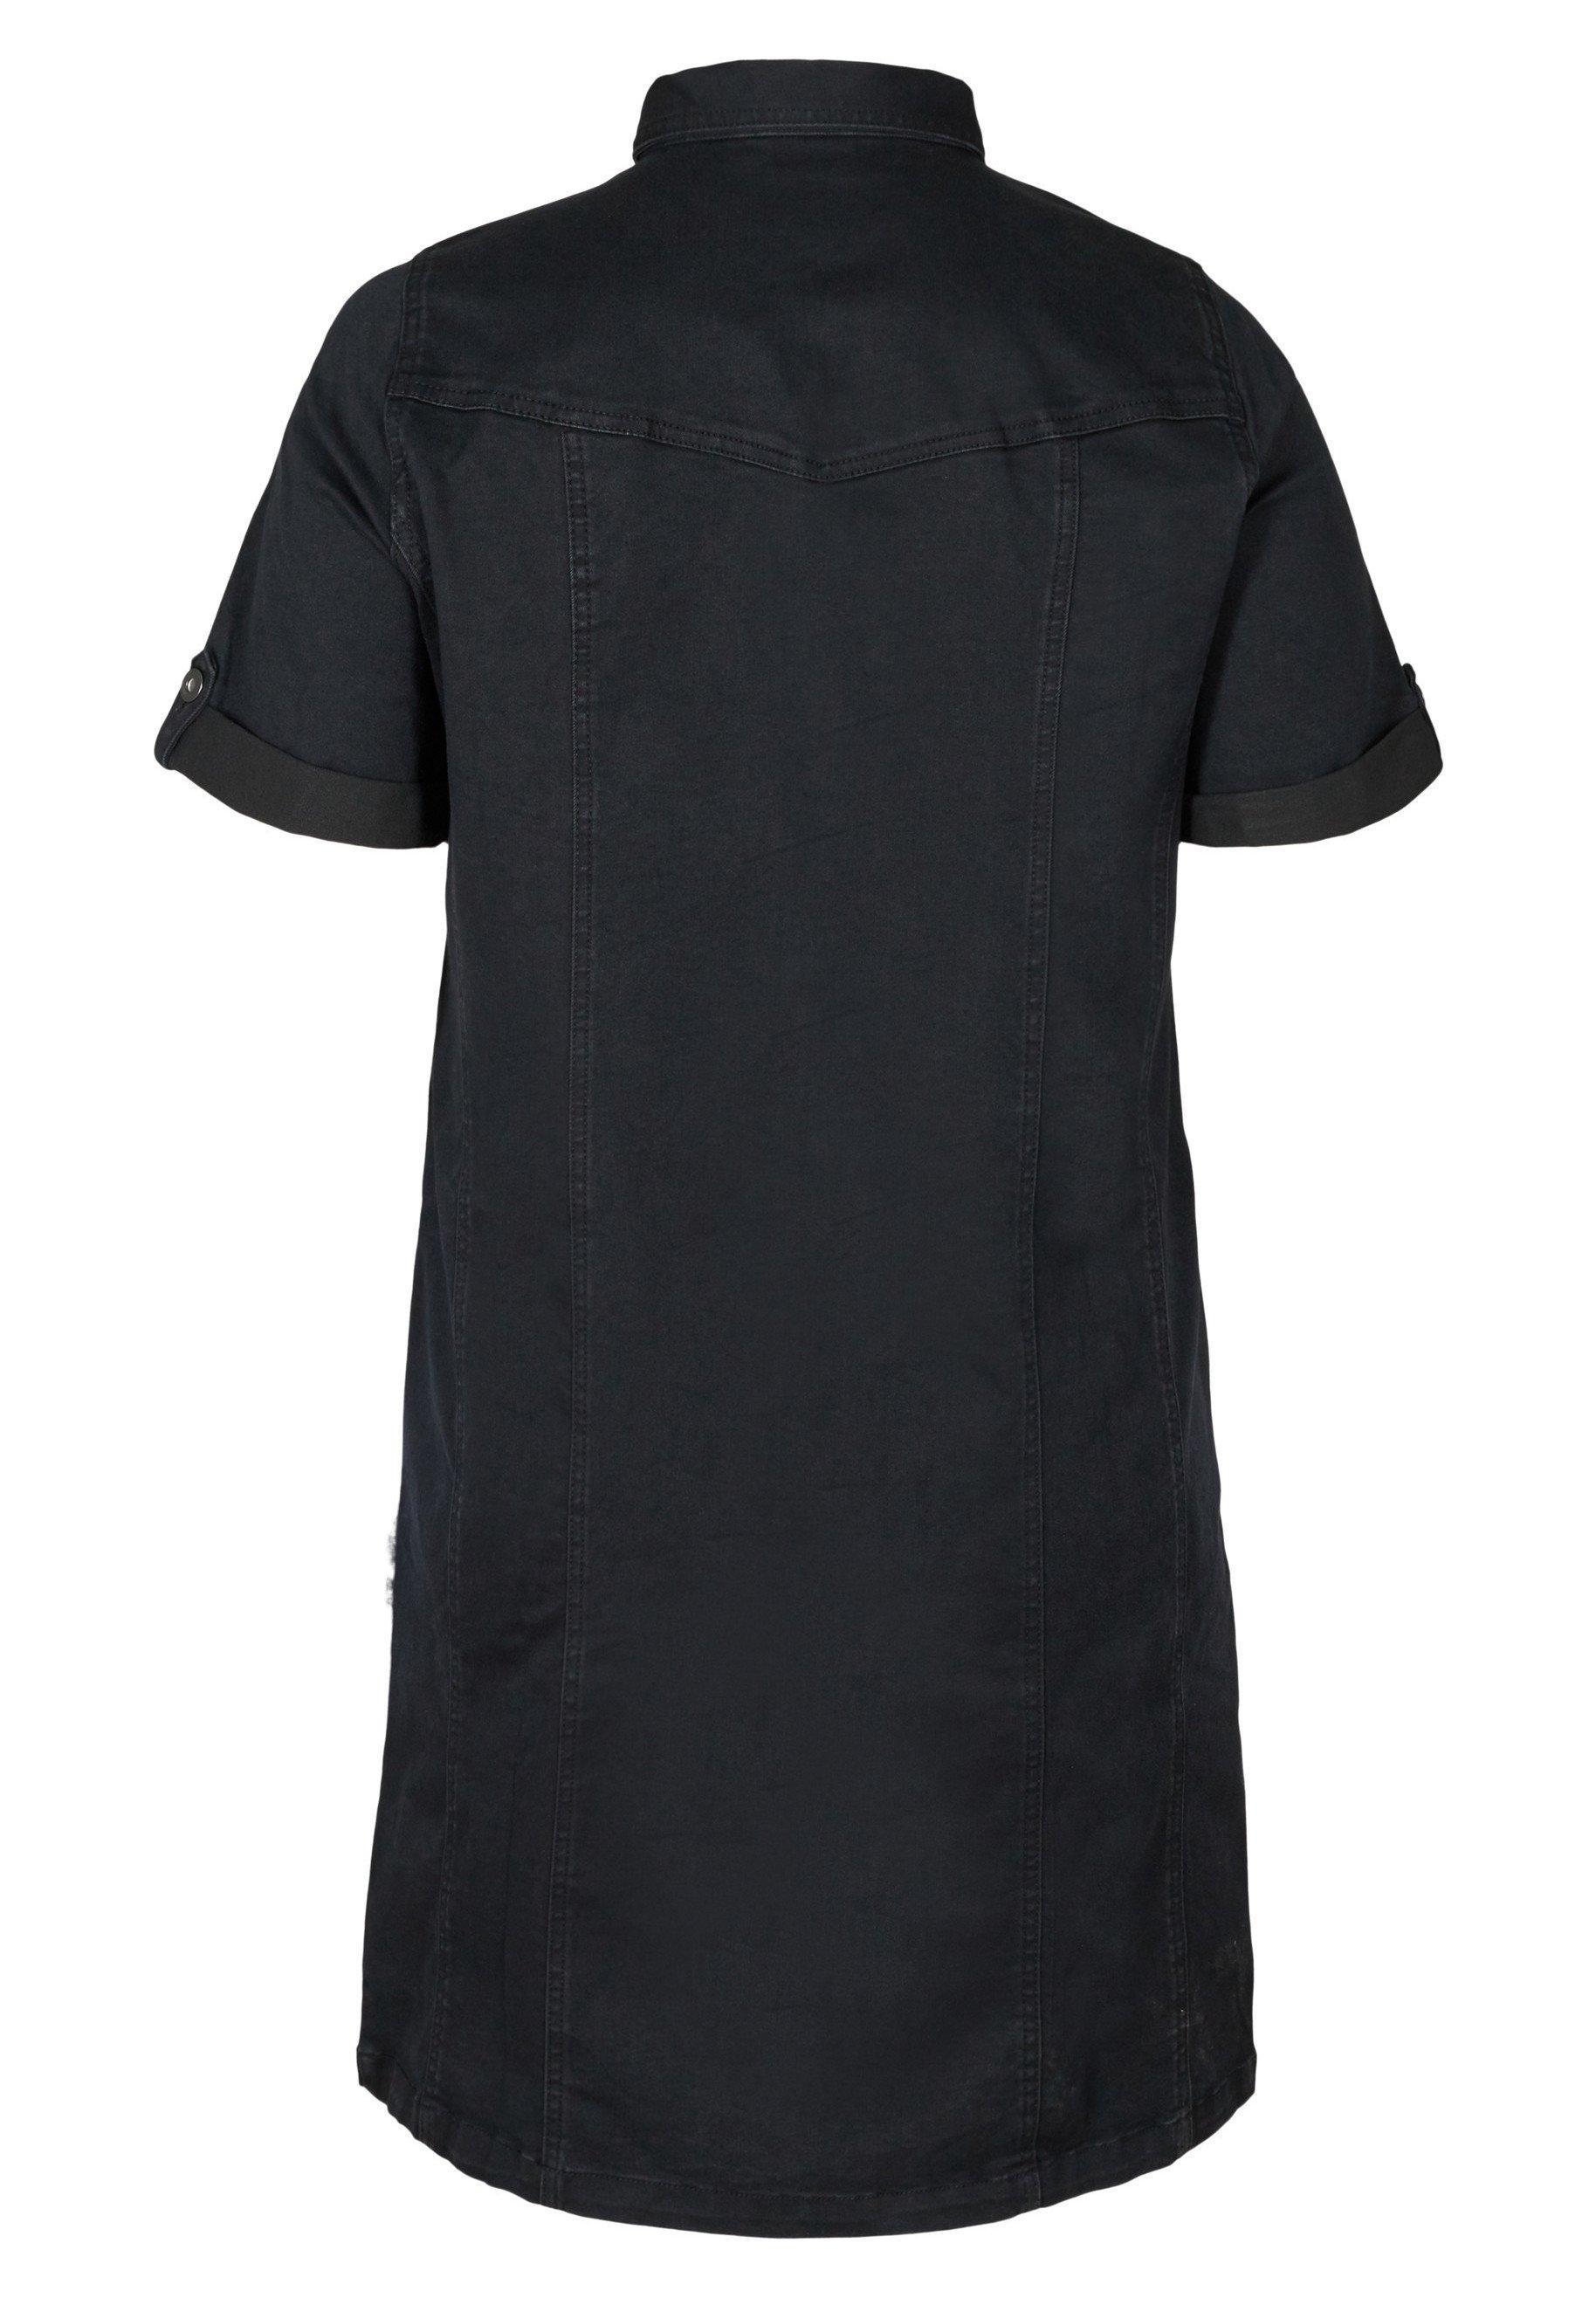 Zizzi Jeanskleid black/schwarz